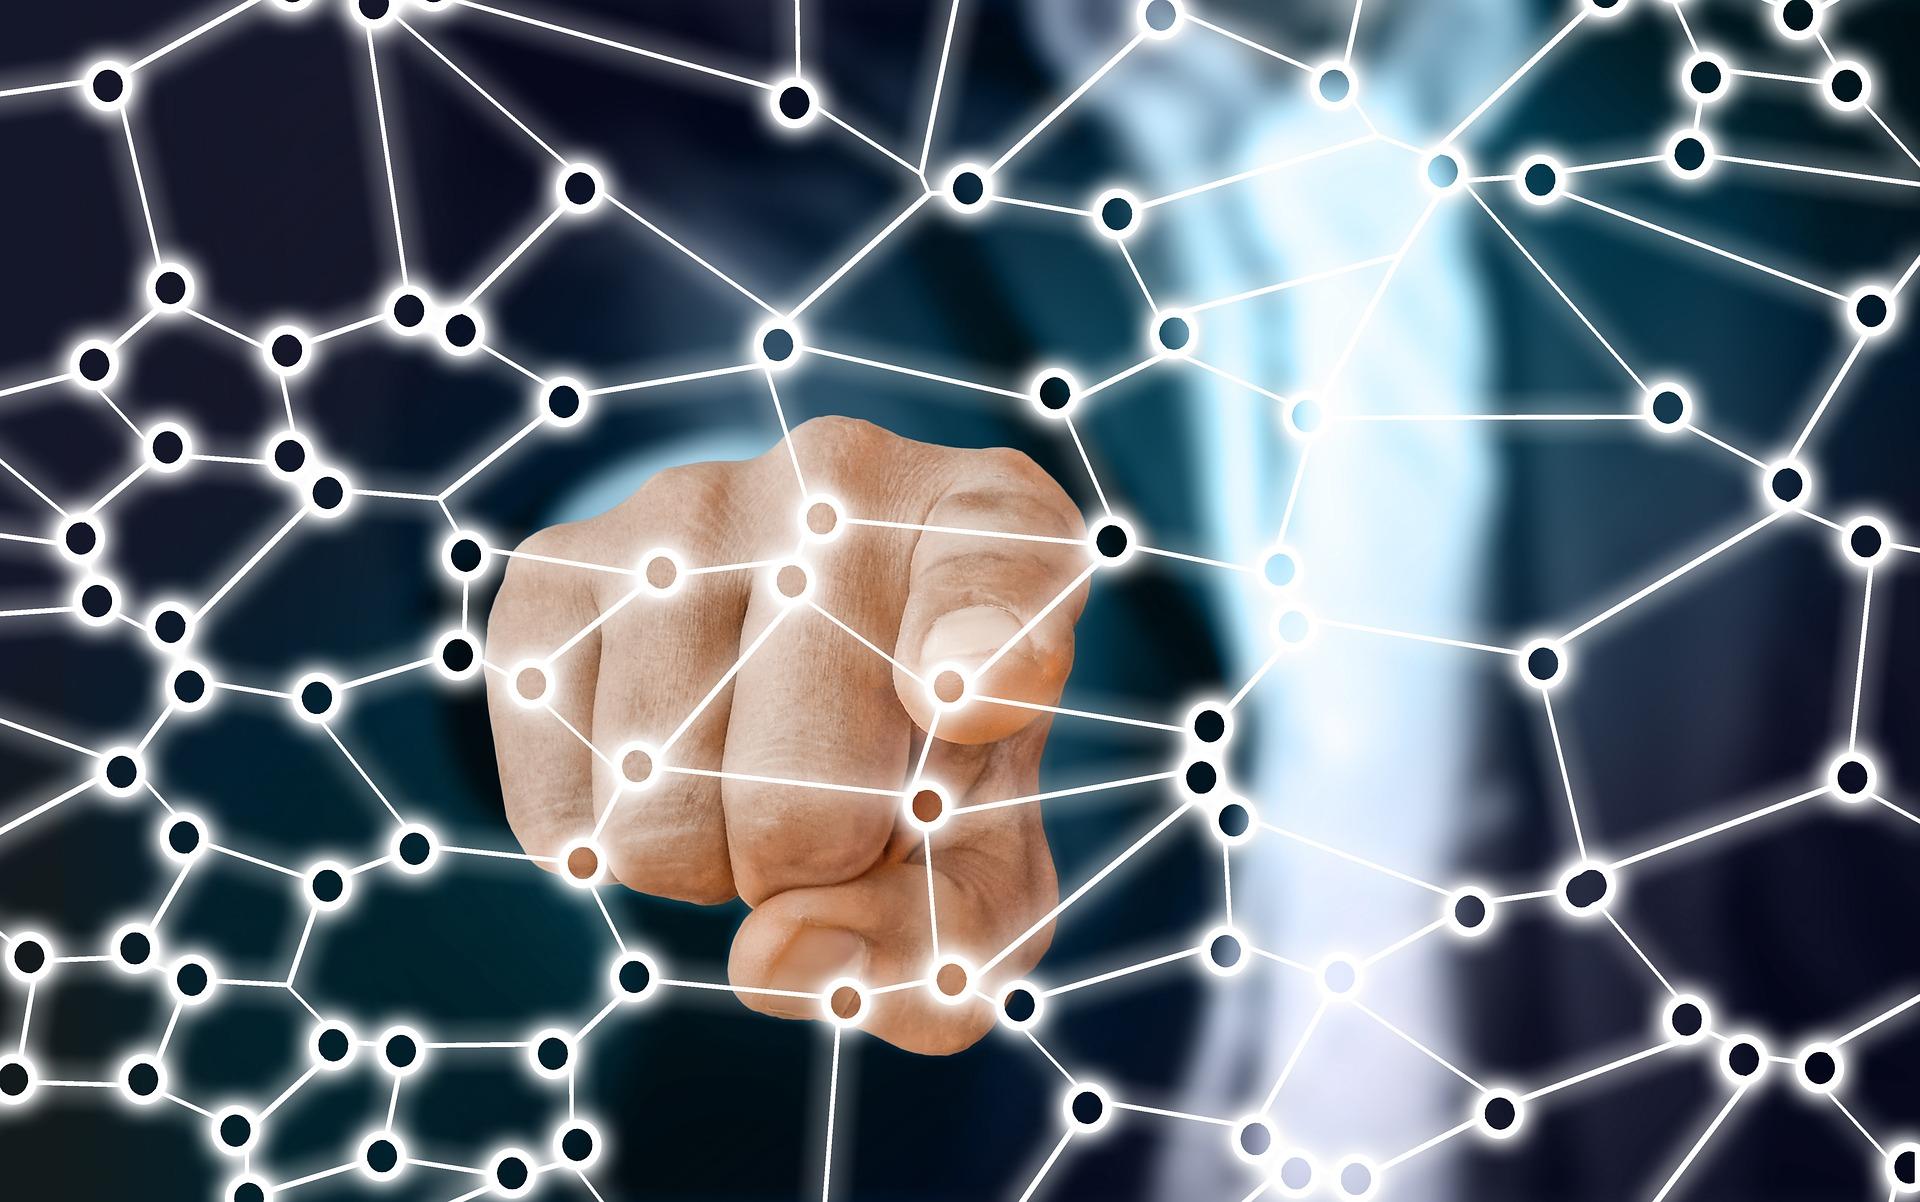 Leiter in der Softwareentwicklung<br /><span class='year'>2018 – 2019, Oldenburg</span><br  /><small>embeteco GmbH & Co. KG</small><br /><span class='addon'>Forschungsprojekte:<br /> DigiProB – Digitale Tools zur Integration von Lernen und Erfahrung im Baugewerbe<br /> EMGIMO – Neue Energieversorgungskonzepte für Mehr-Mieter Gewerbeimmobilien</span>